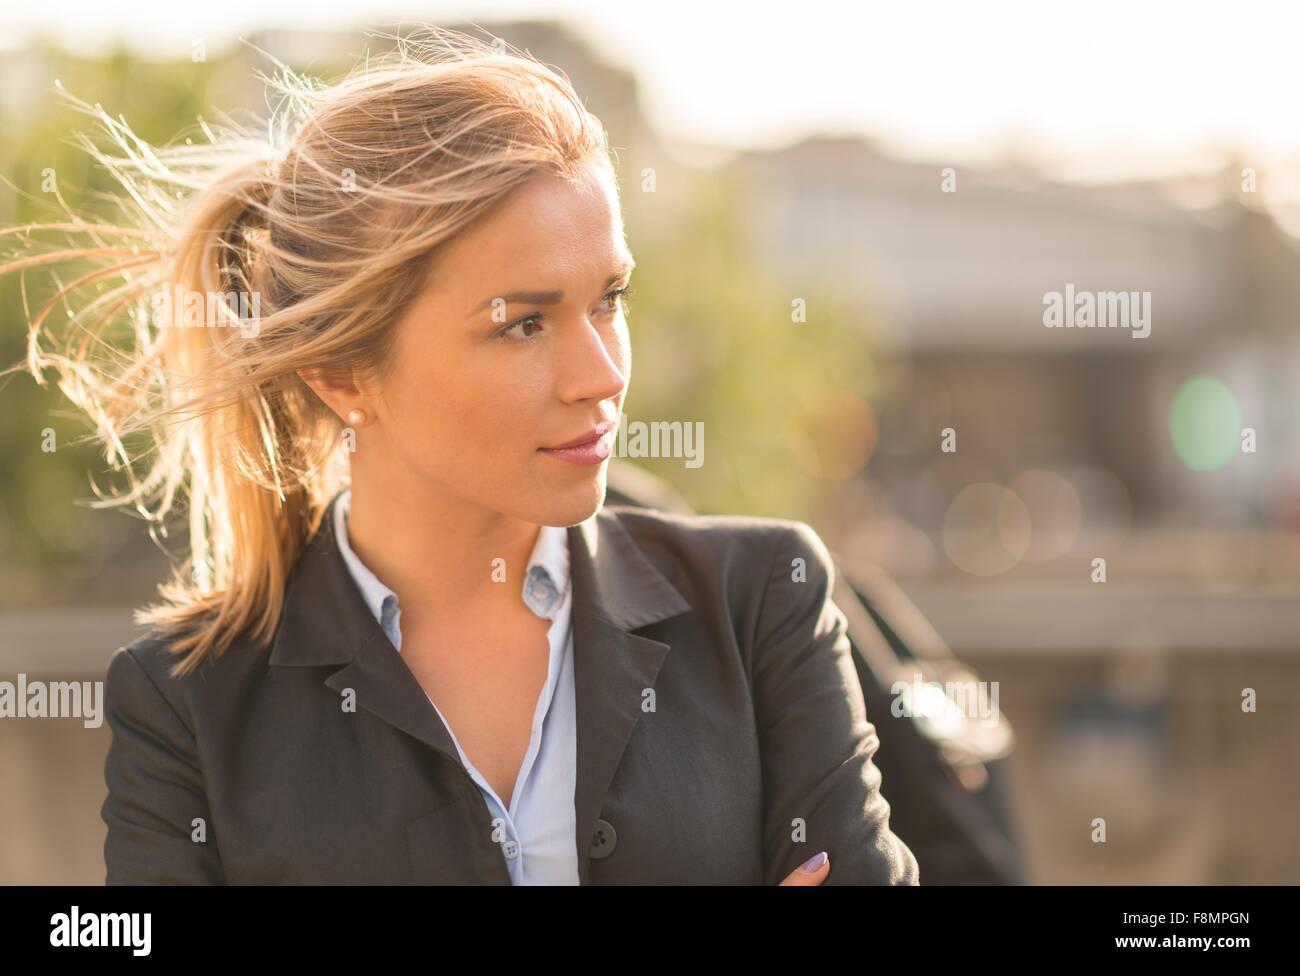 Geschäftsfrau im Pferdeschwanz Stockbild